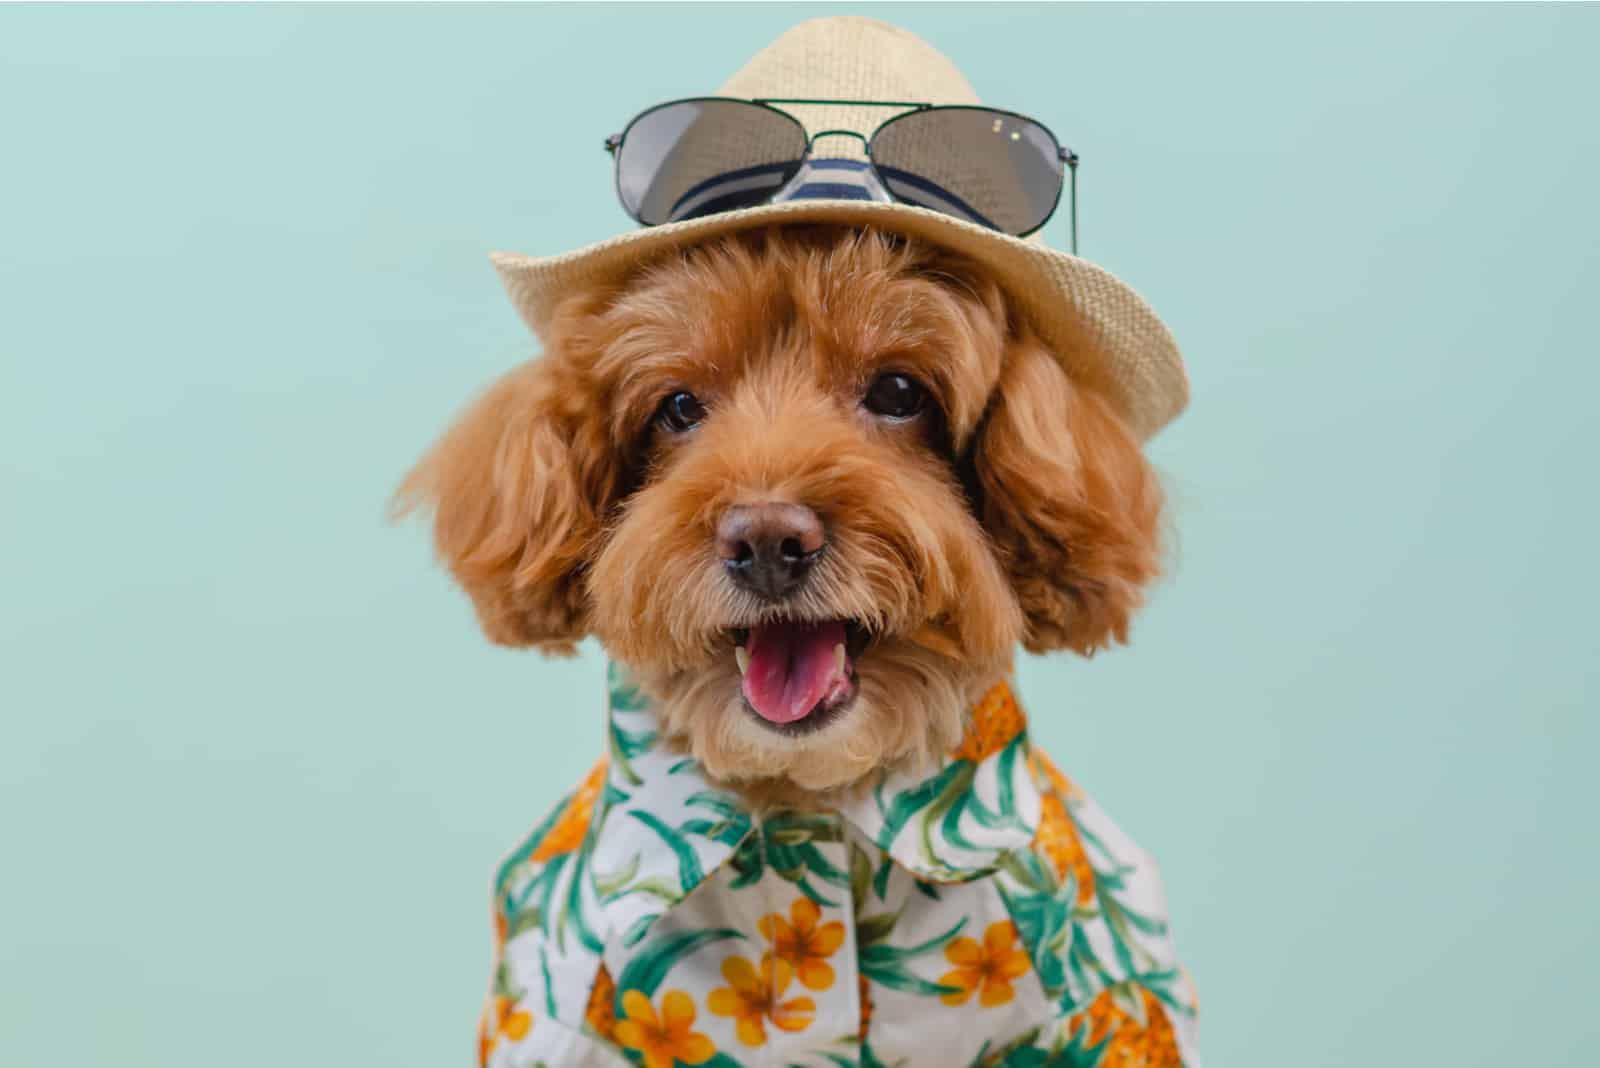 cute dog in a hawaiian shirt